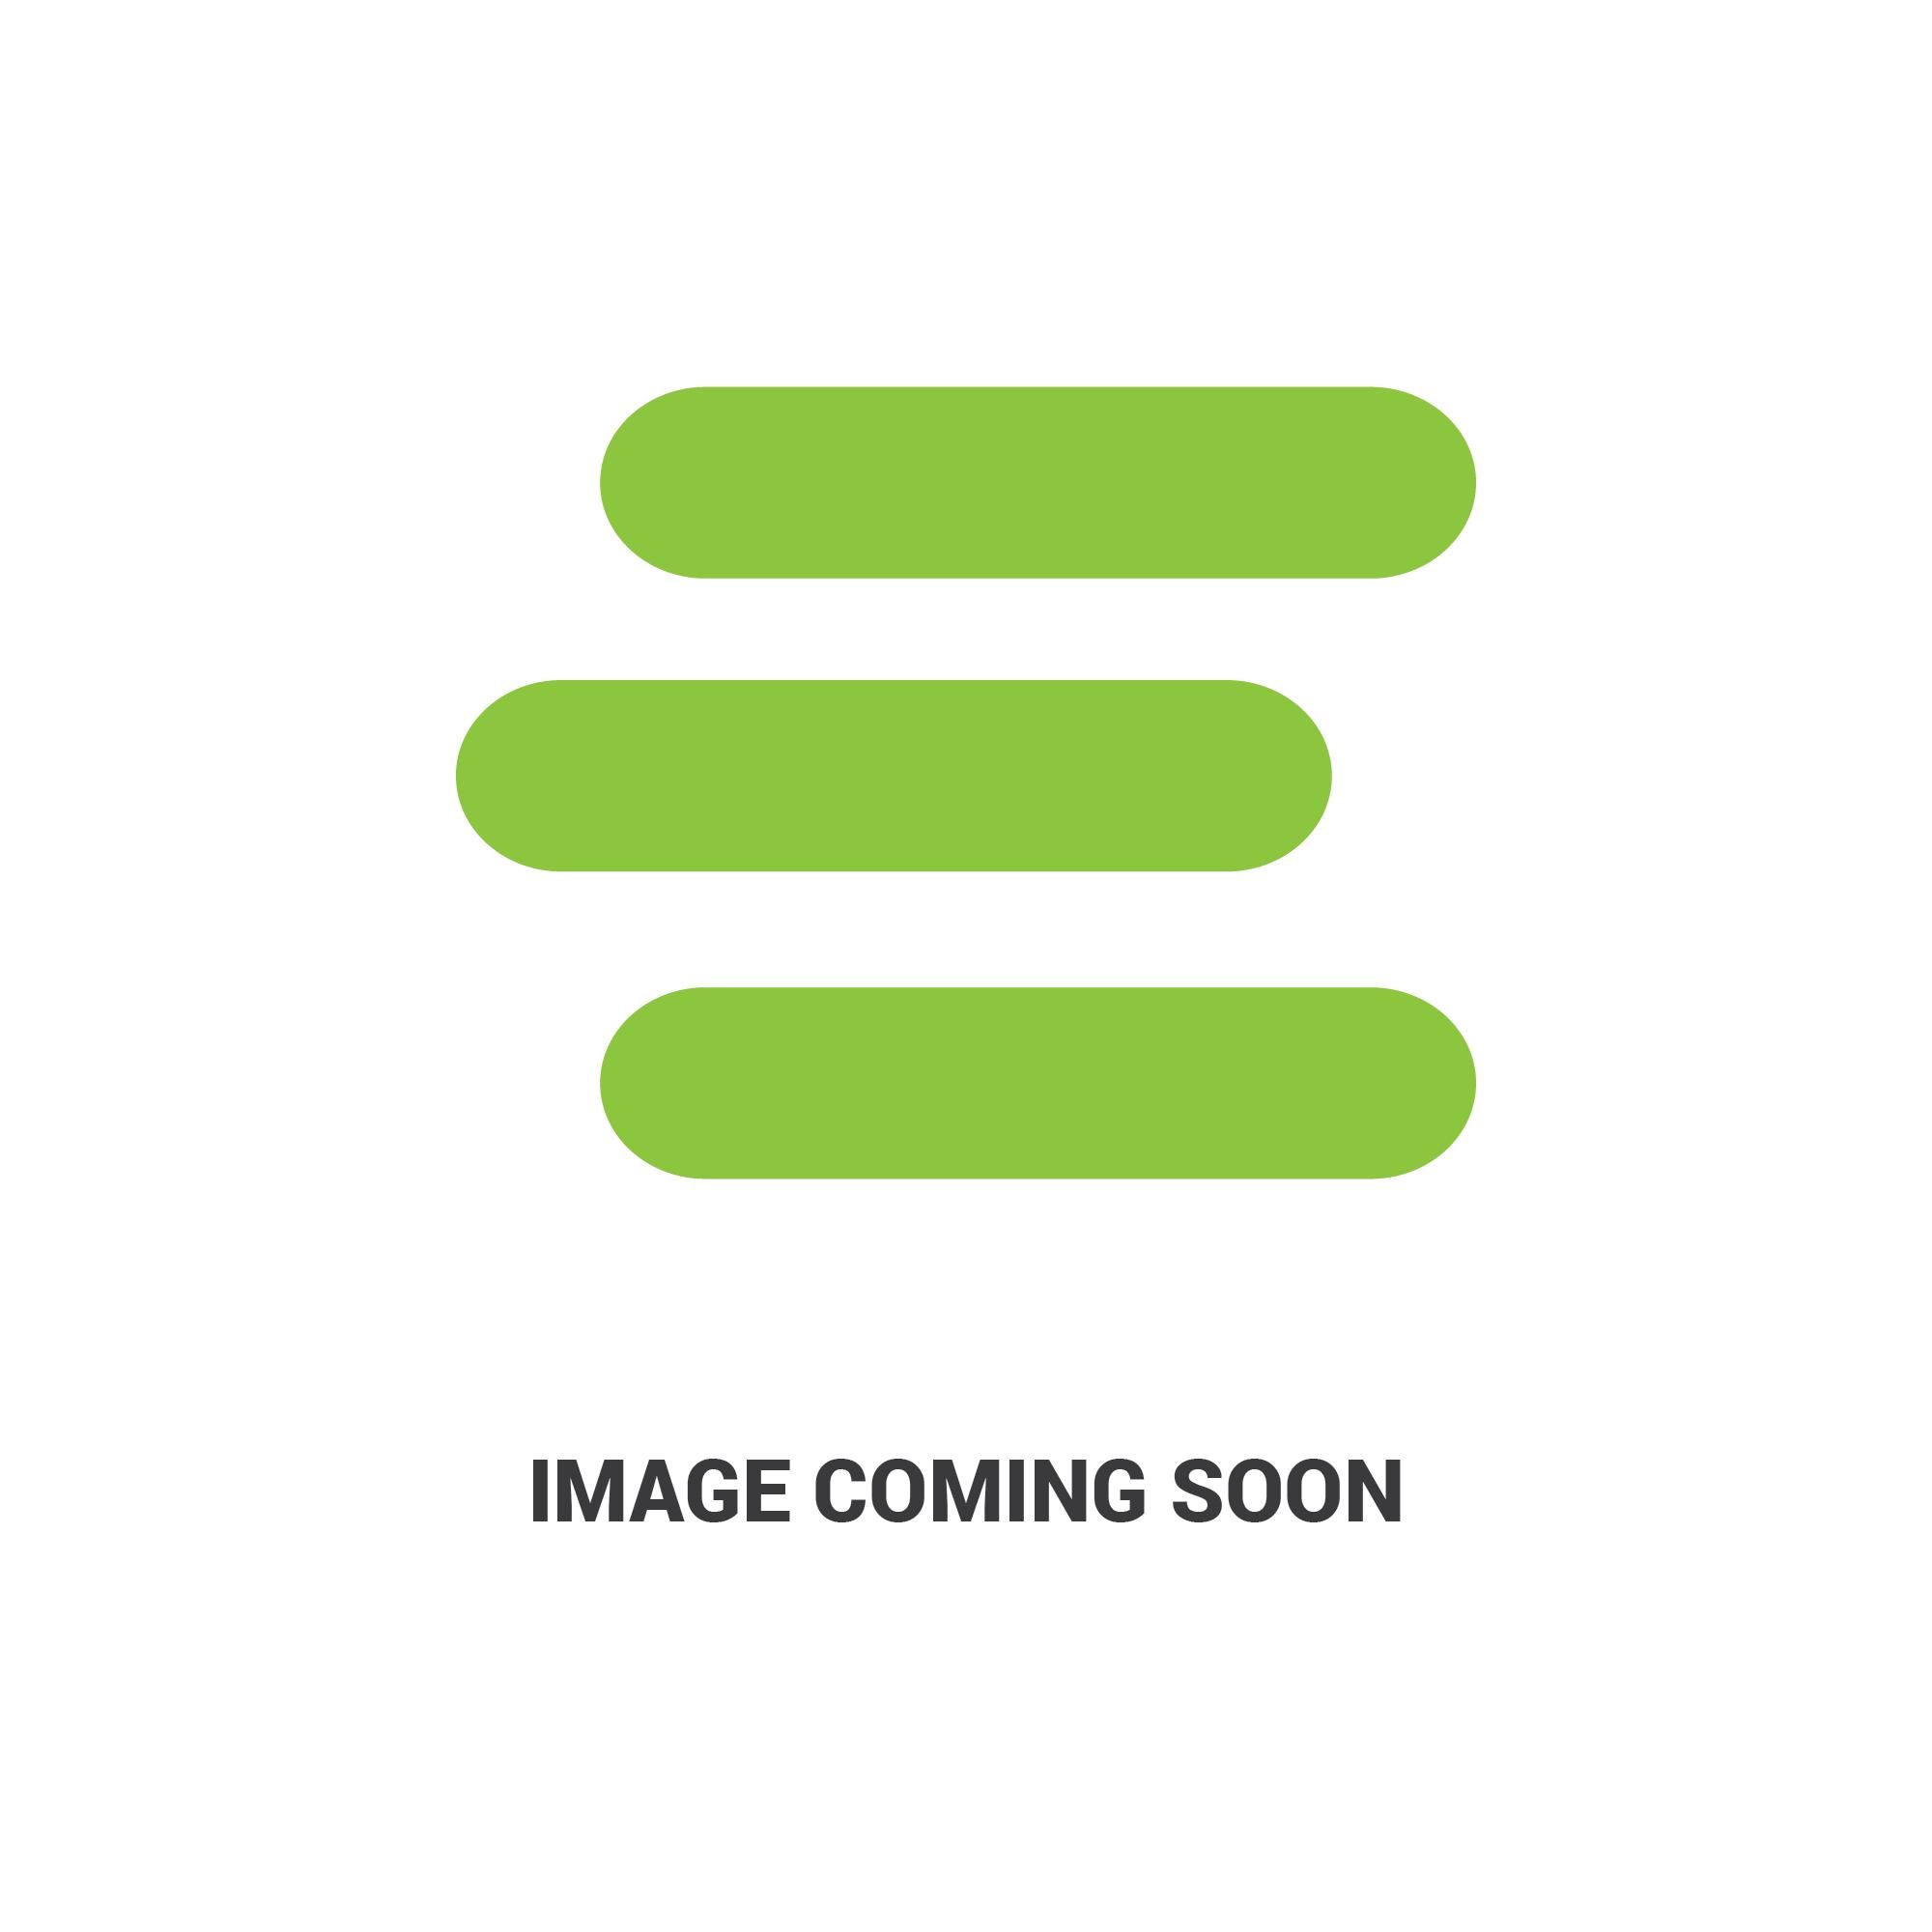 E-AL59789edit 20.jpg